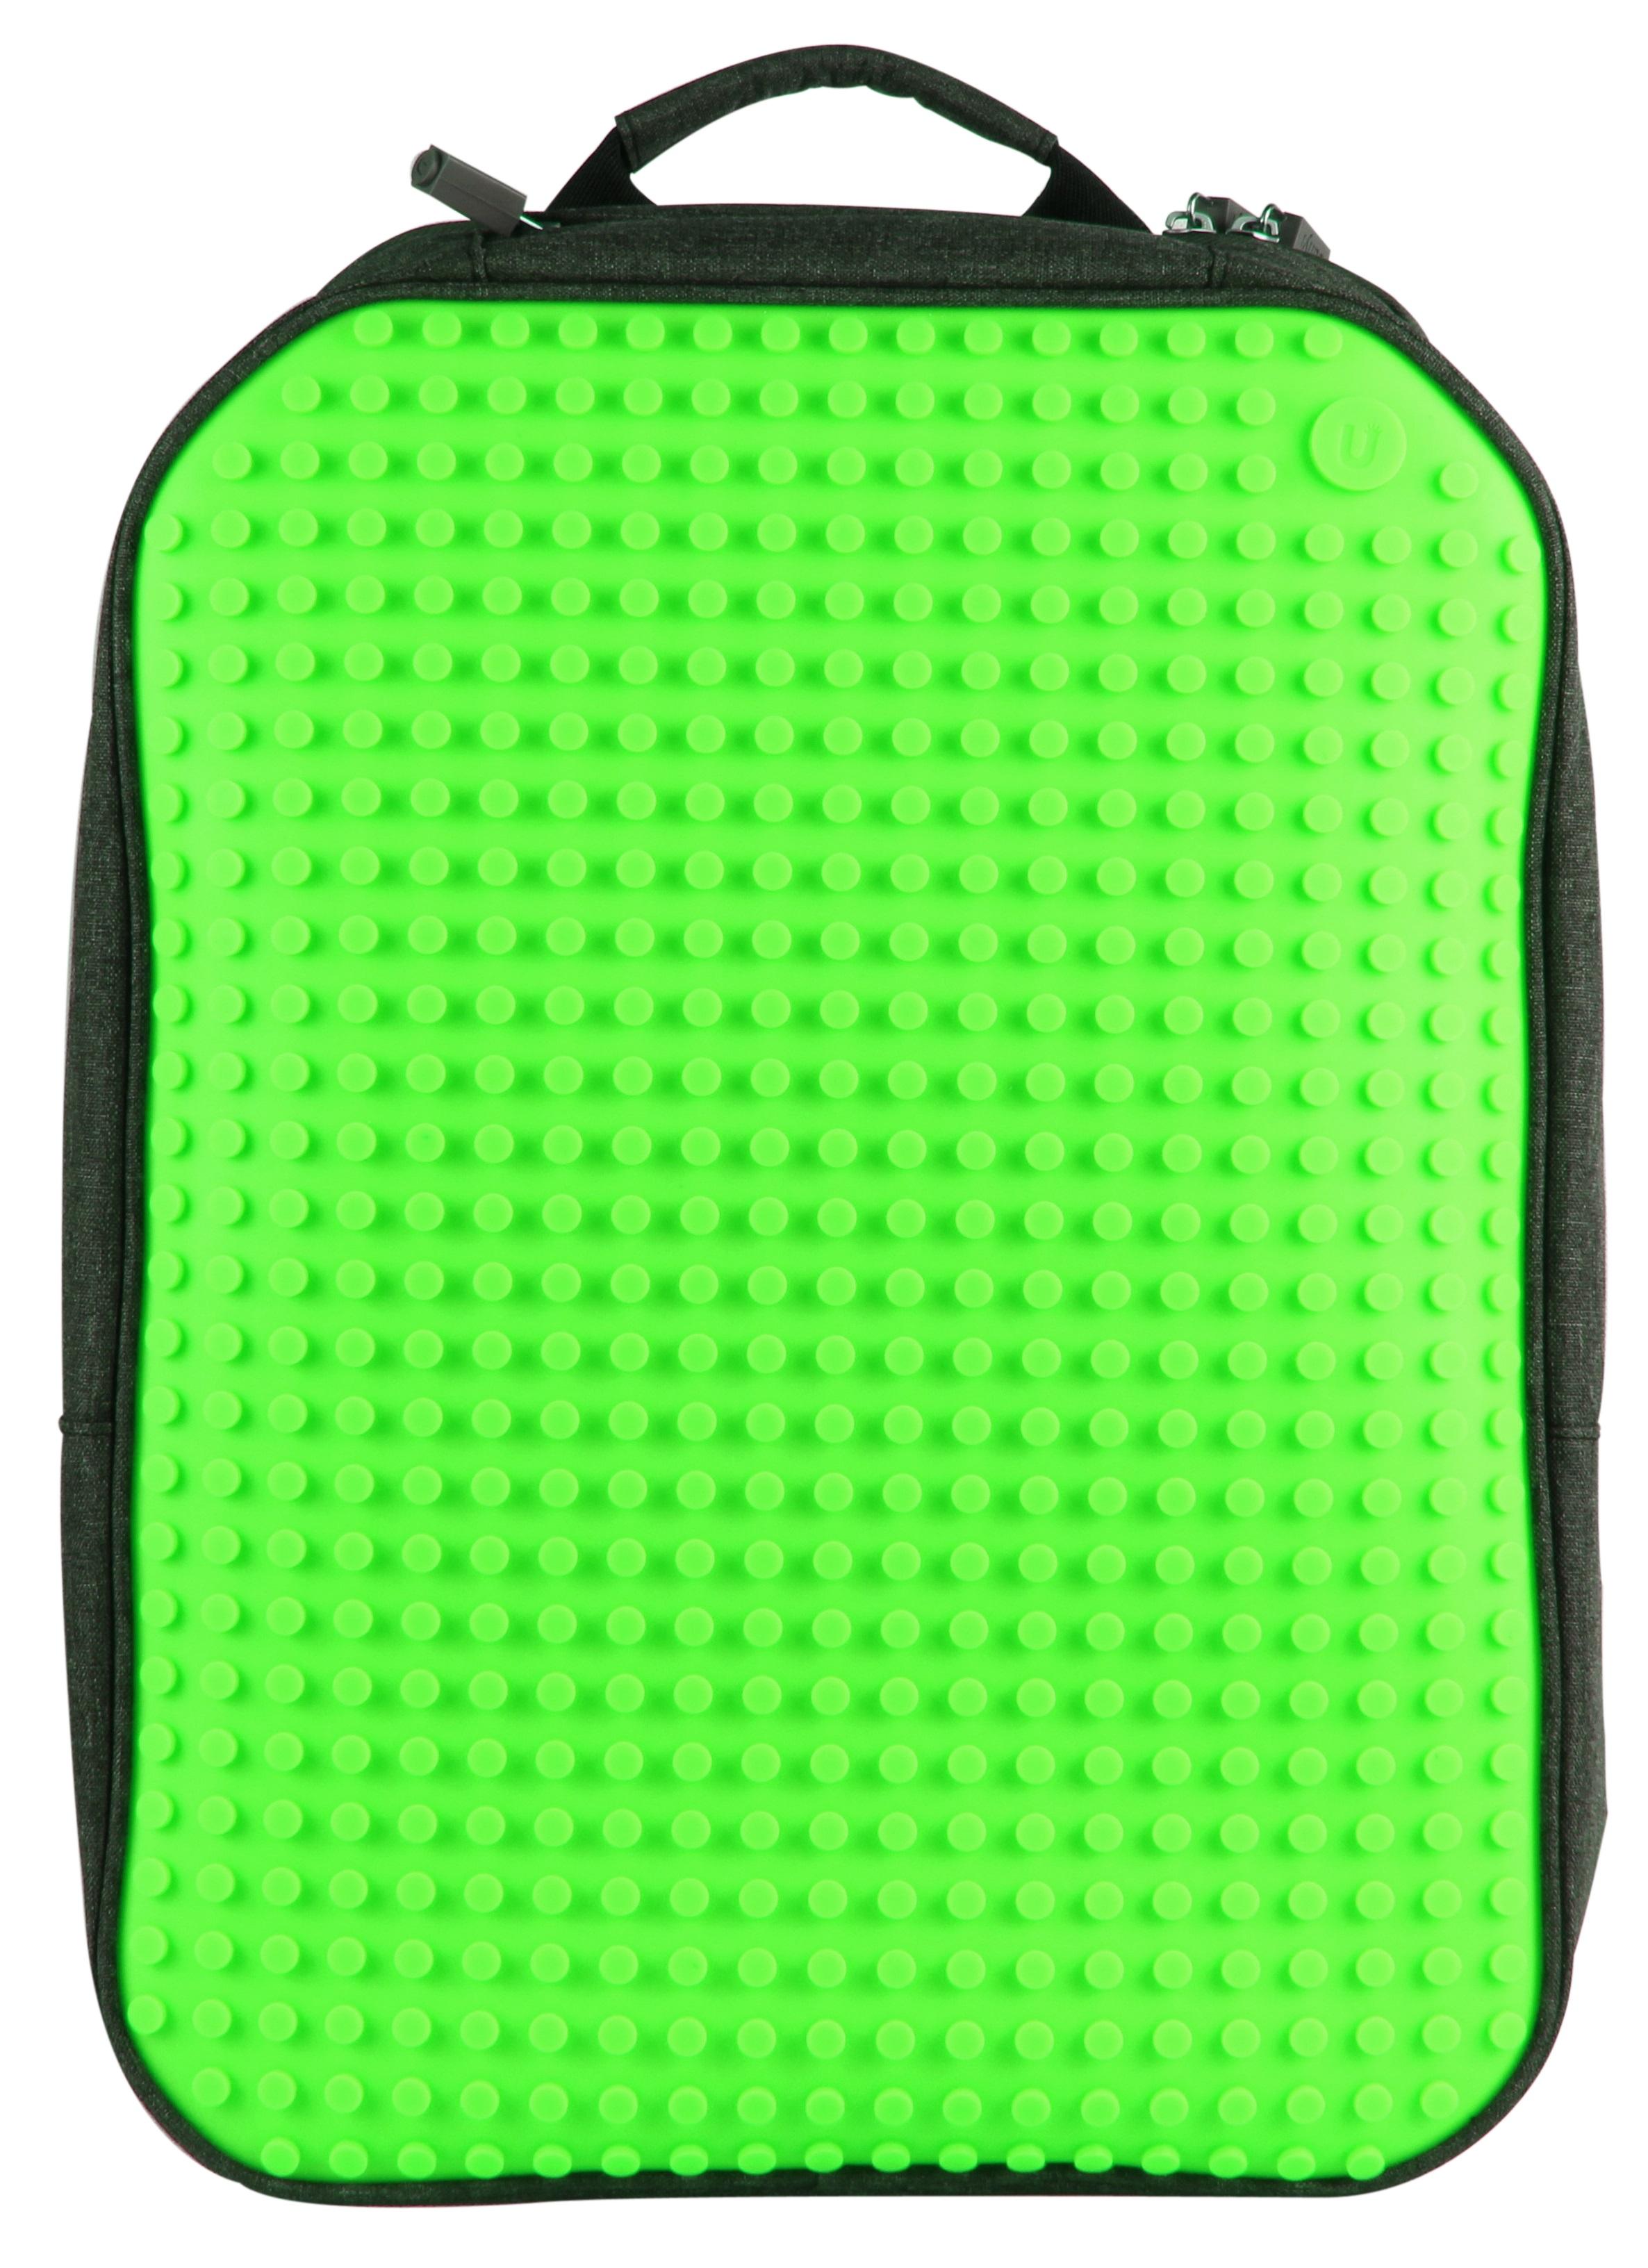 Большой пиксельный рюкзак с ортопедической спинкой (Canvas classic pixel Backpack) WY-A001 (Зеленый) большой пиксельный универсальный чехол для смартфона pixel felt phone pocket фуксия зеленый